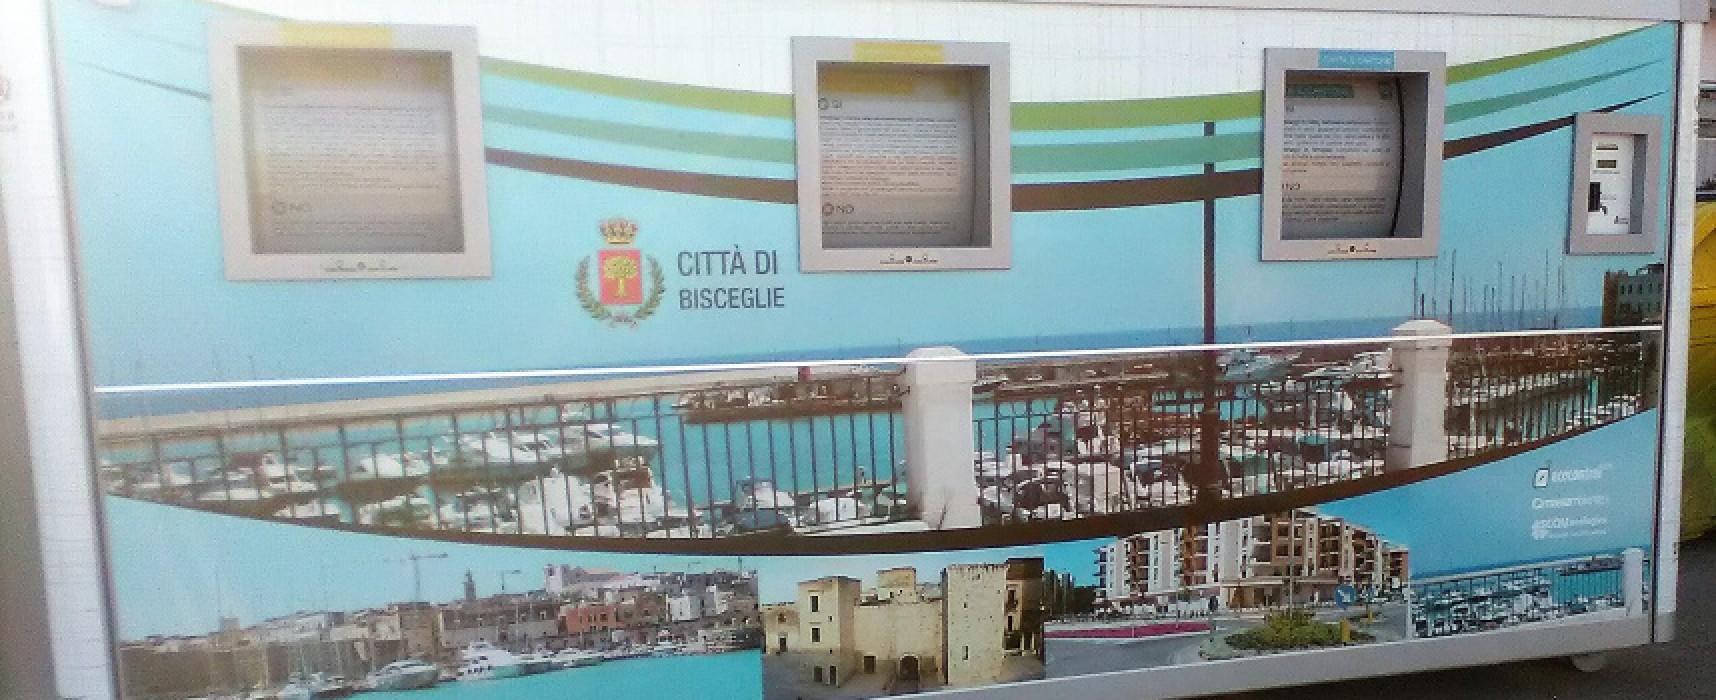 Otto isole ecologiche mobili per la raccolta dei rifiuti a Pasquetta / DETTAGLI